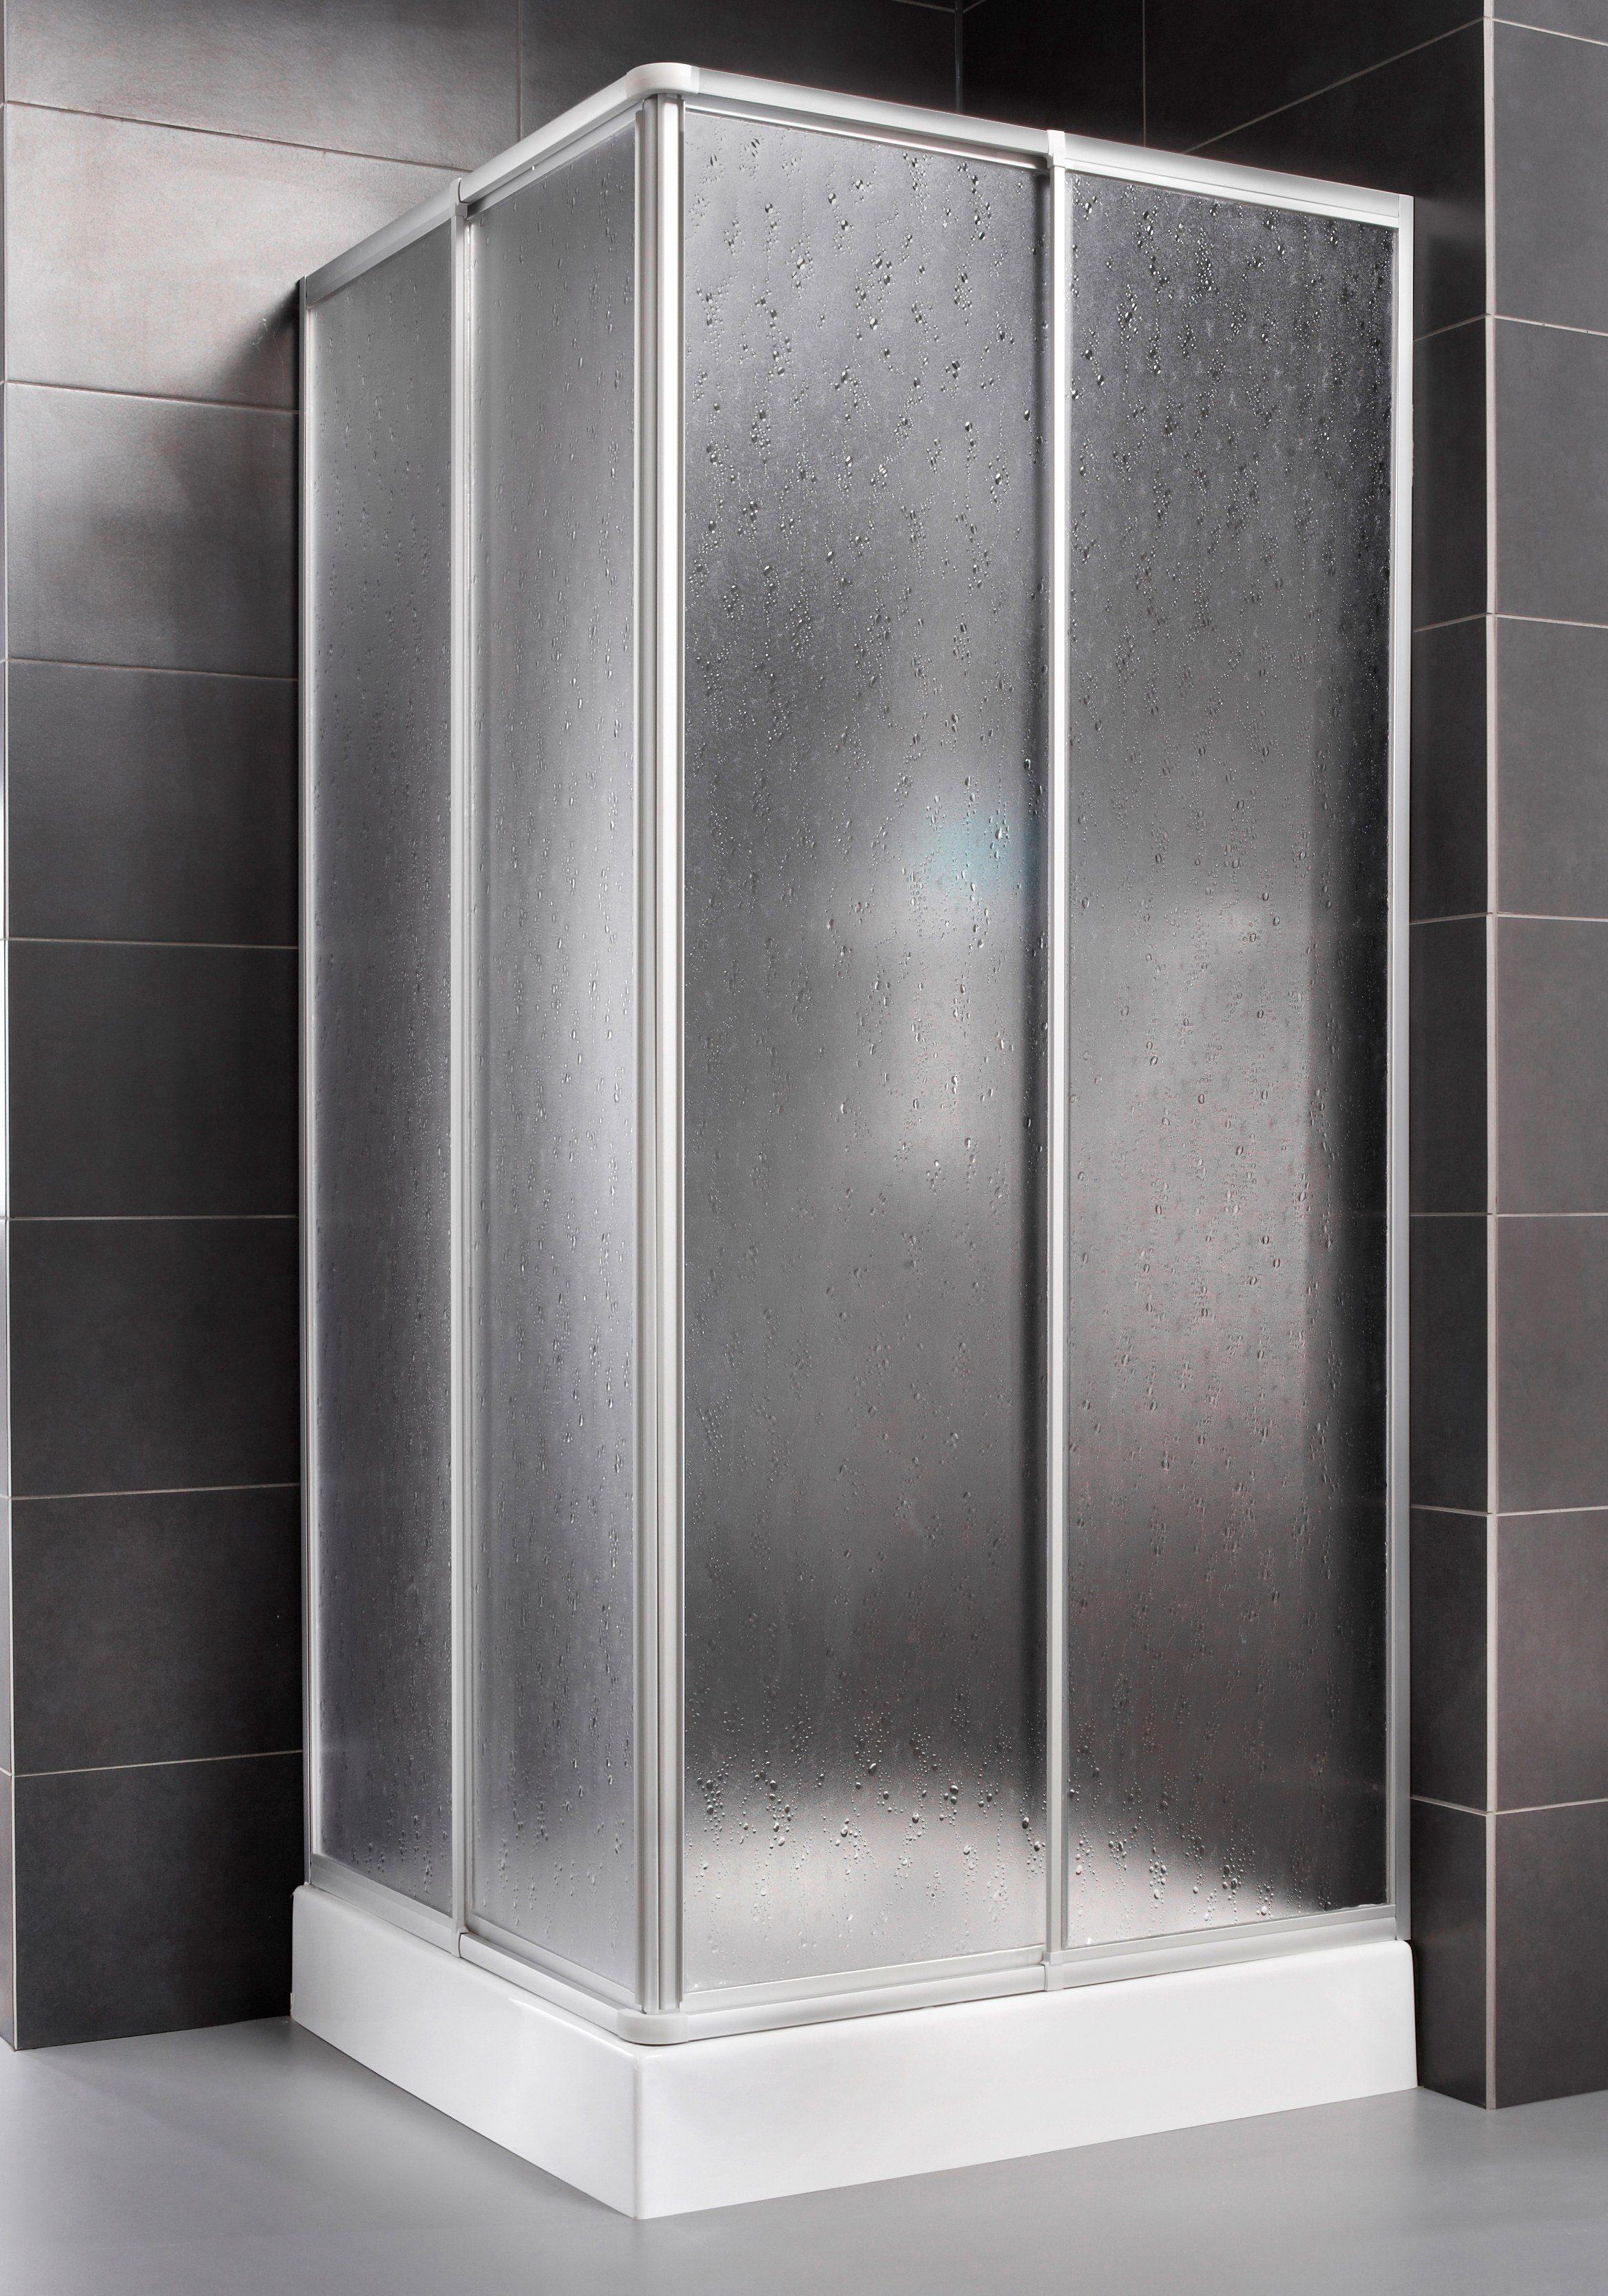 Wundervoll Duschkabine kaufen » komplette Kabine & Komplettdusche | OTTO WA45